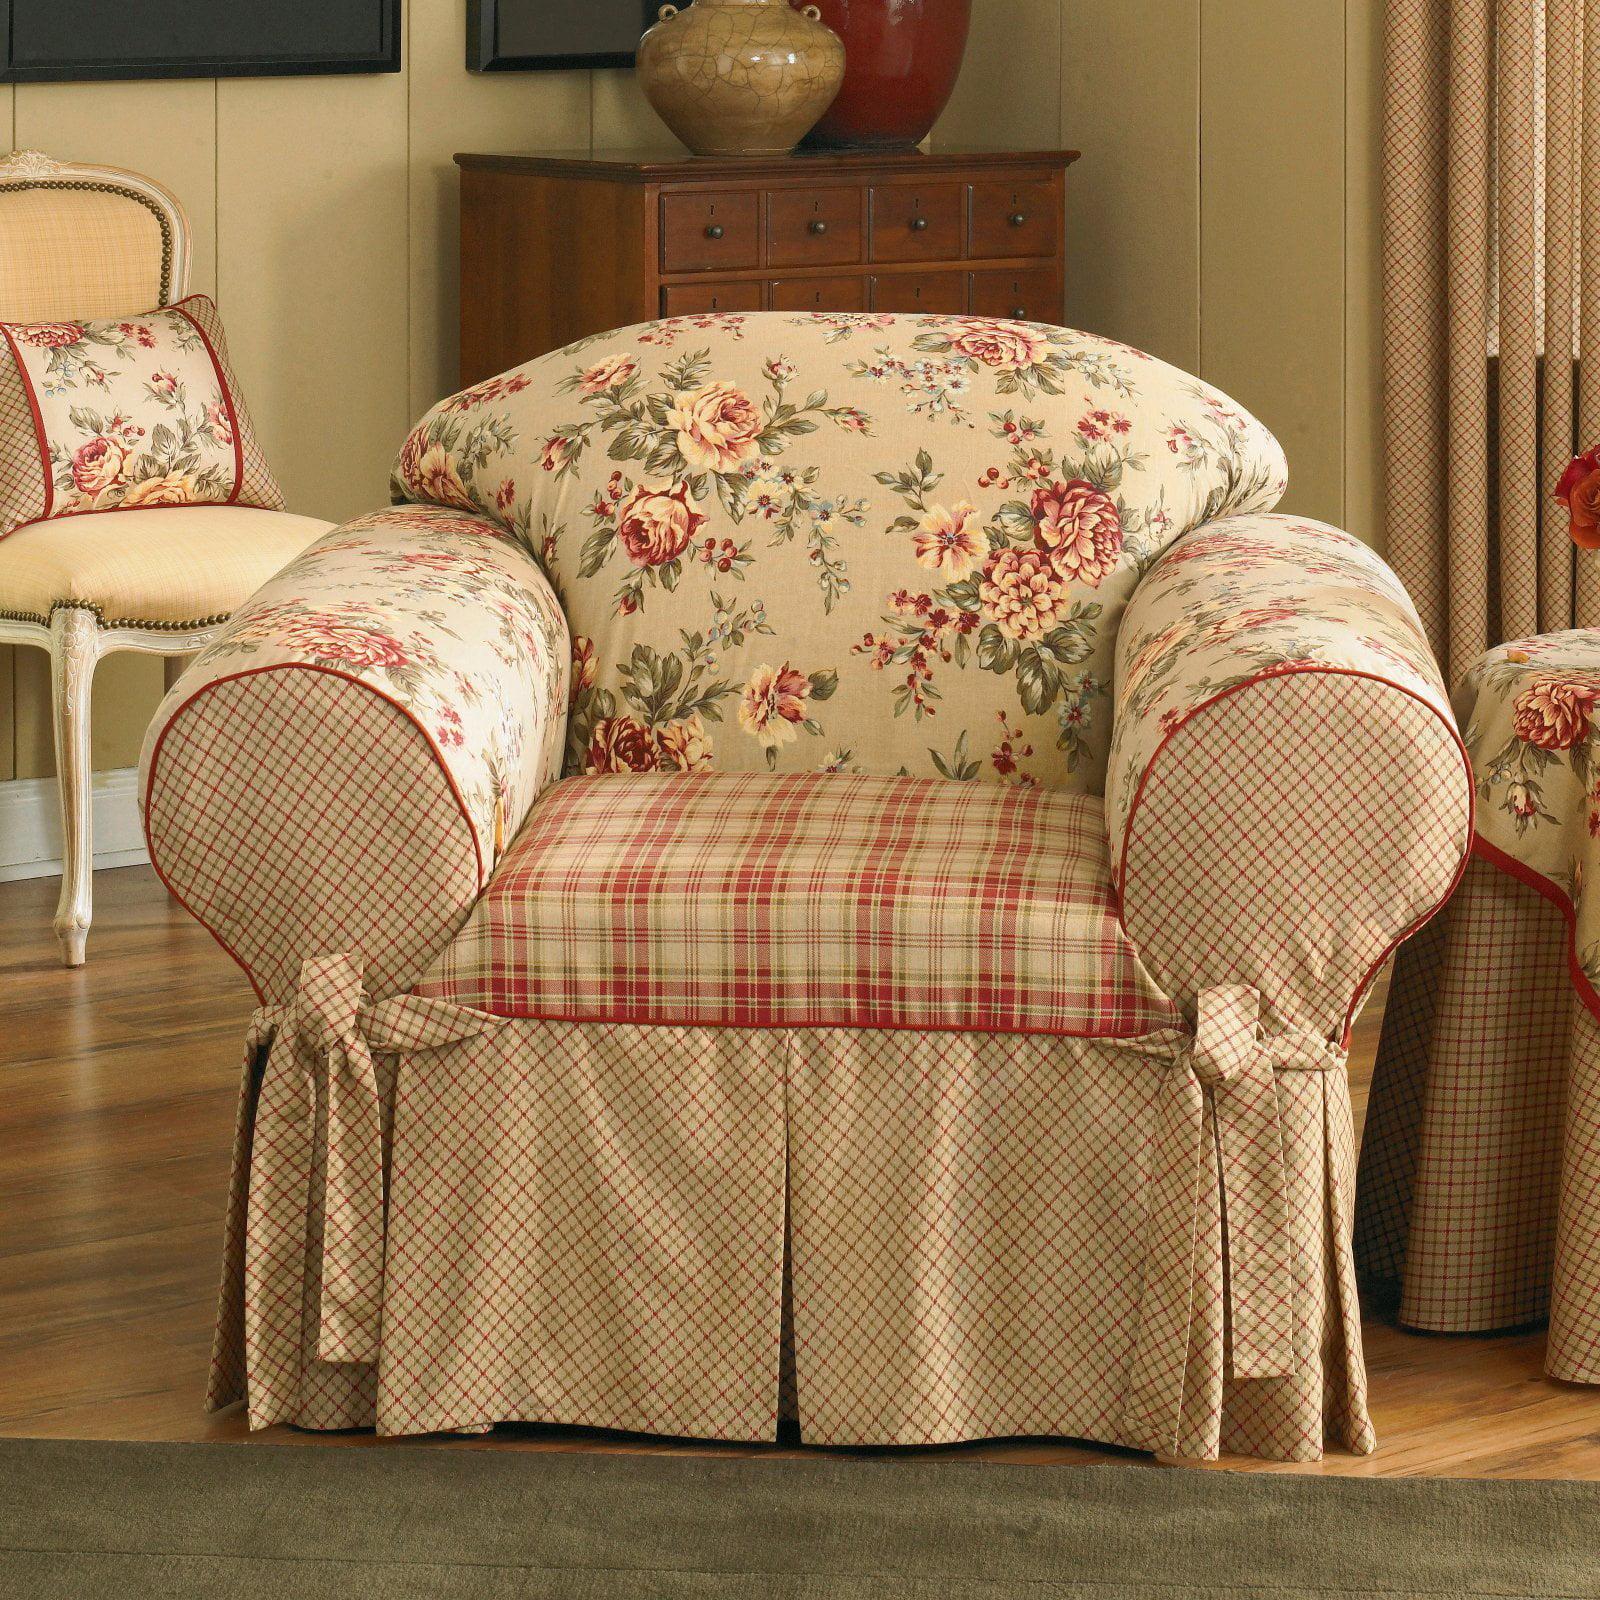 Sure Fit Lexington Chair Slipcover, Multi-Color